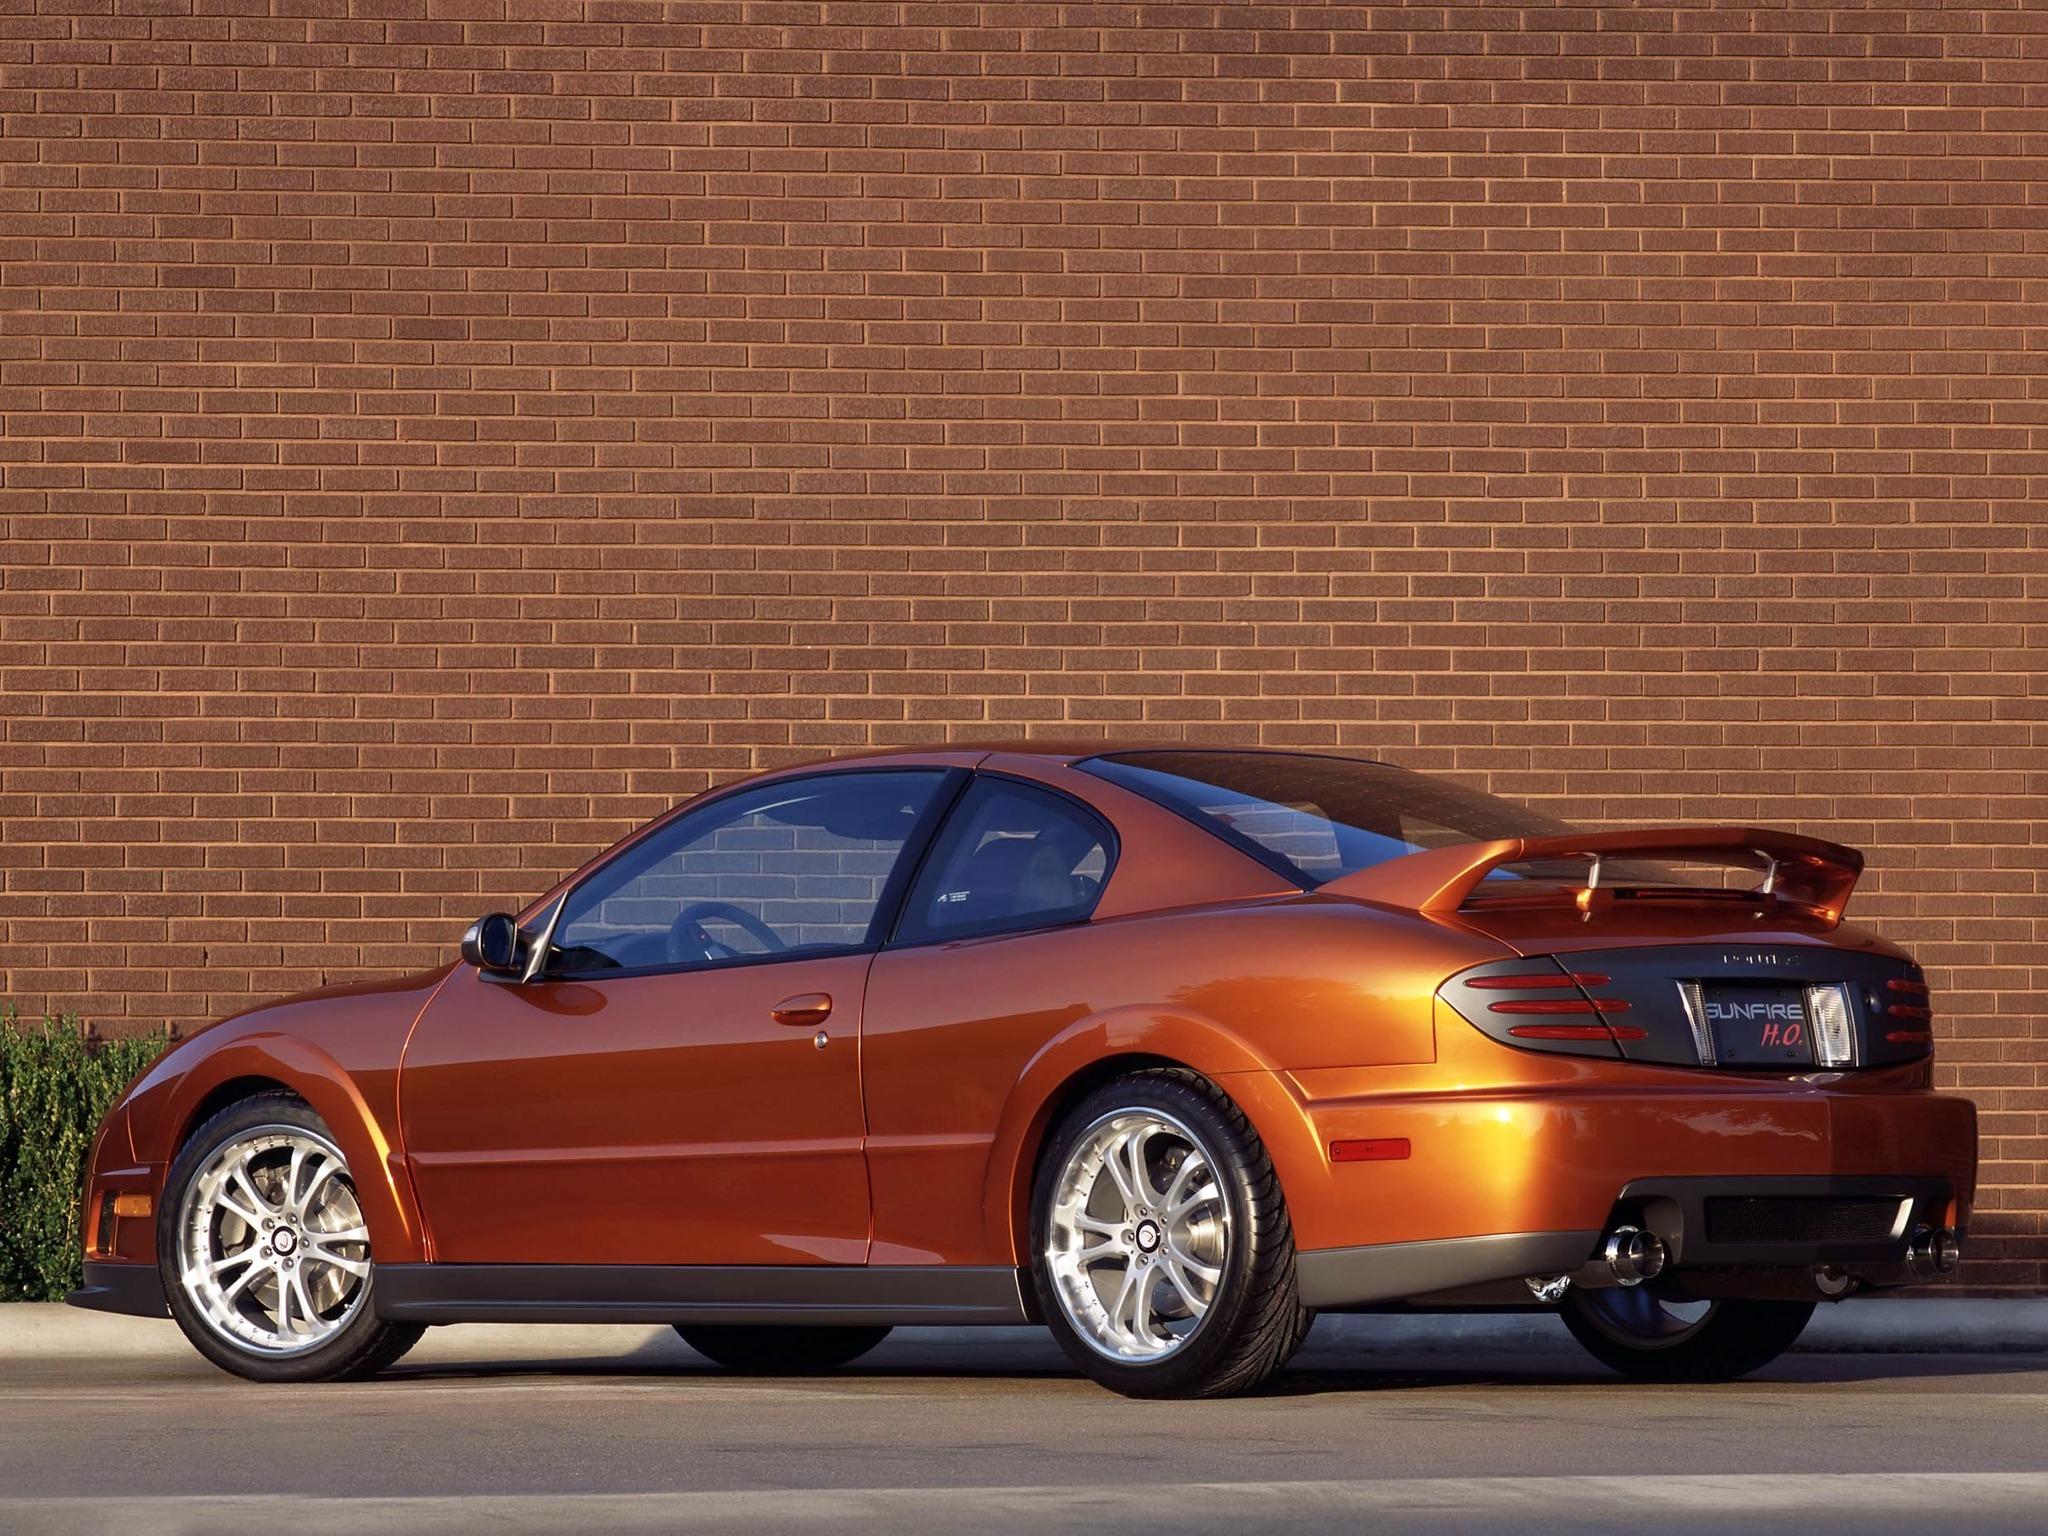 Pontiac Sunfire Ho 2 4 Sema Car 2001